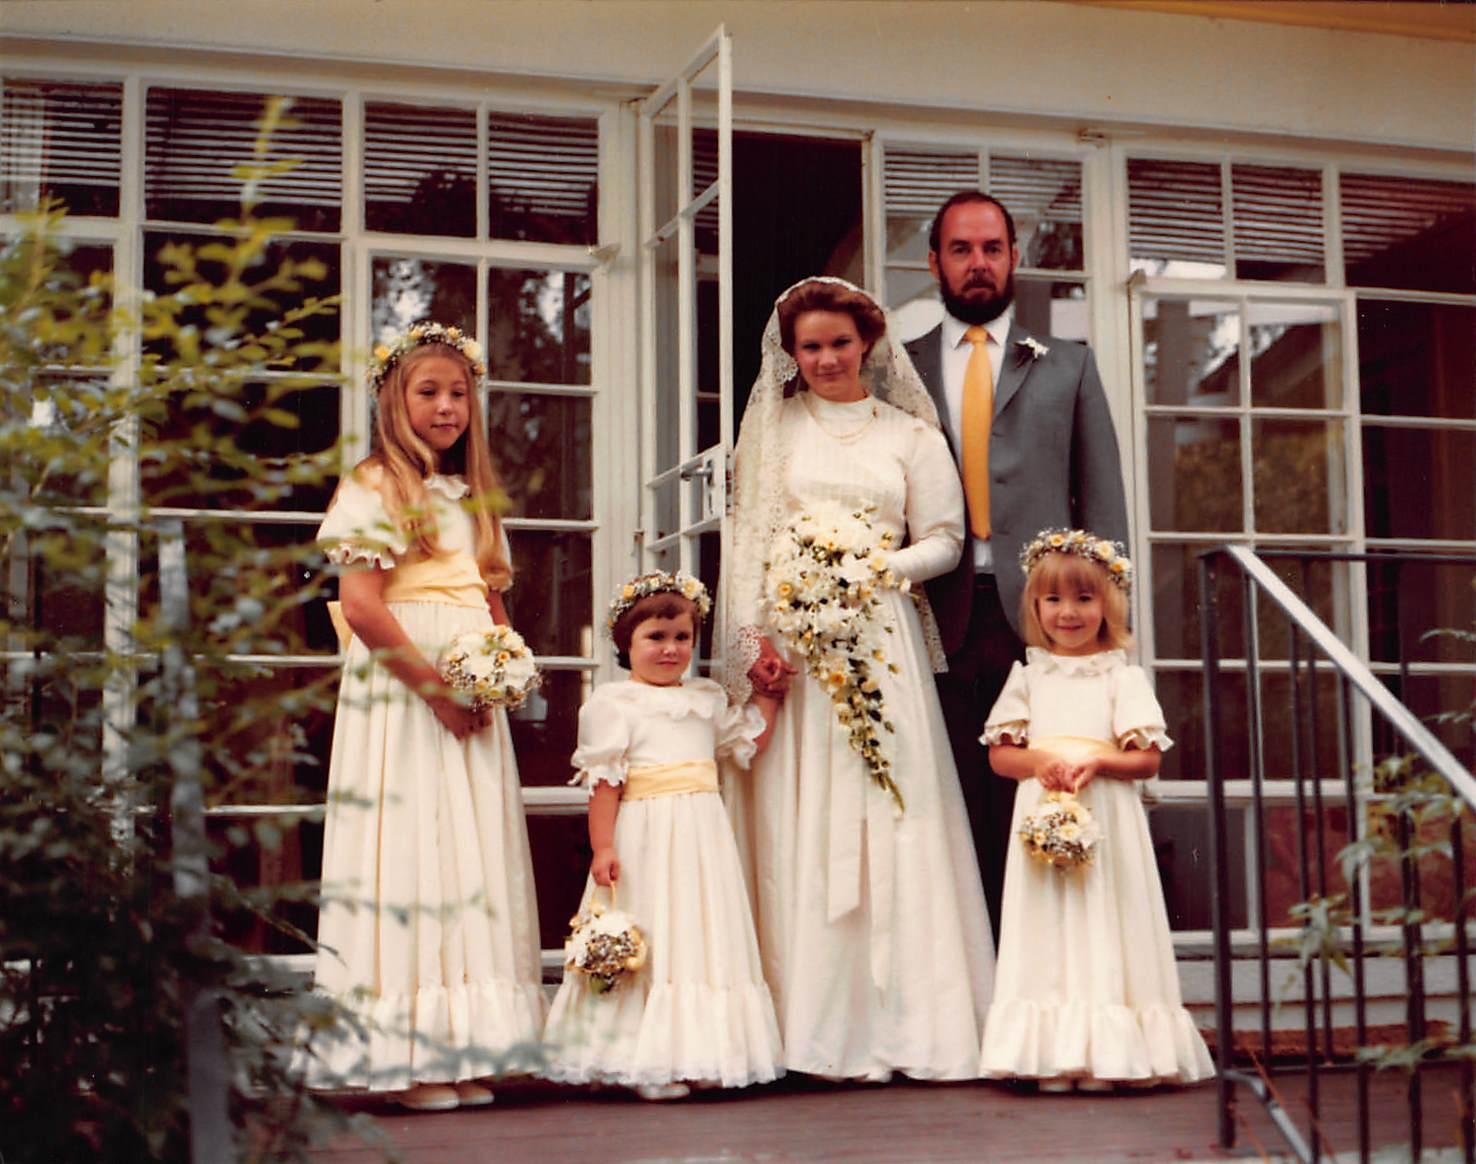 1984_02_18_wedding with Cassie Jodie and Vanessa